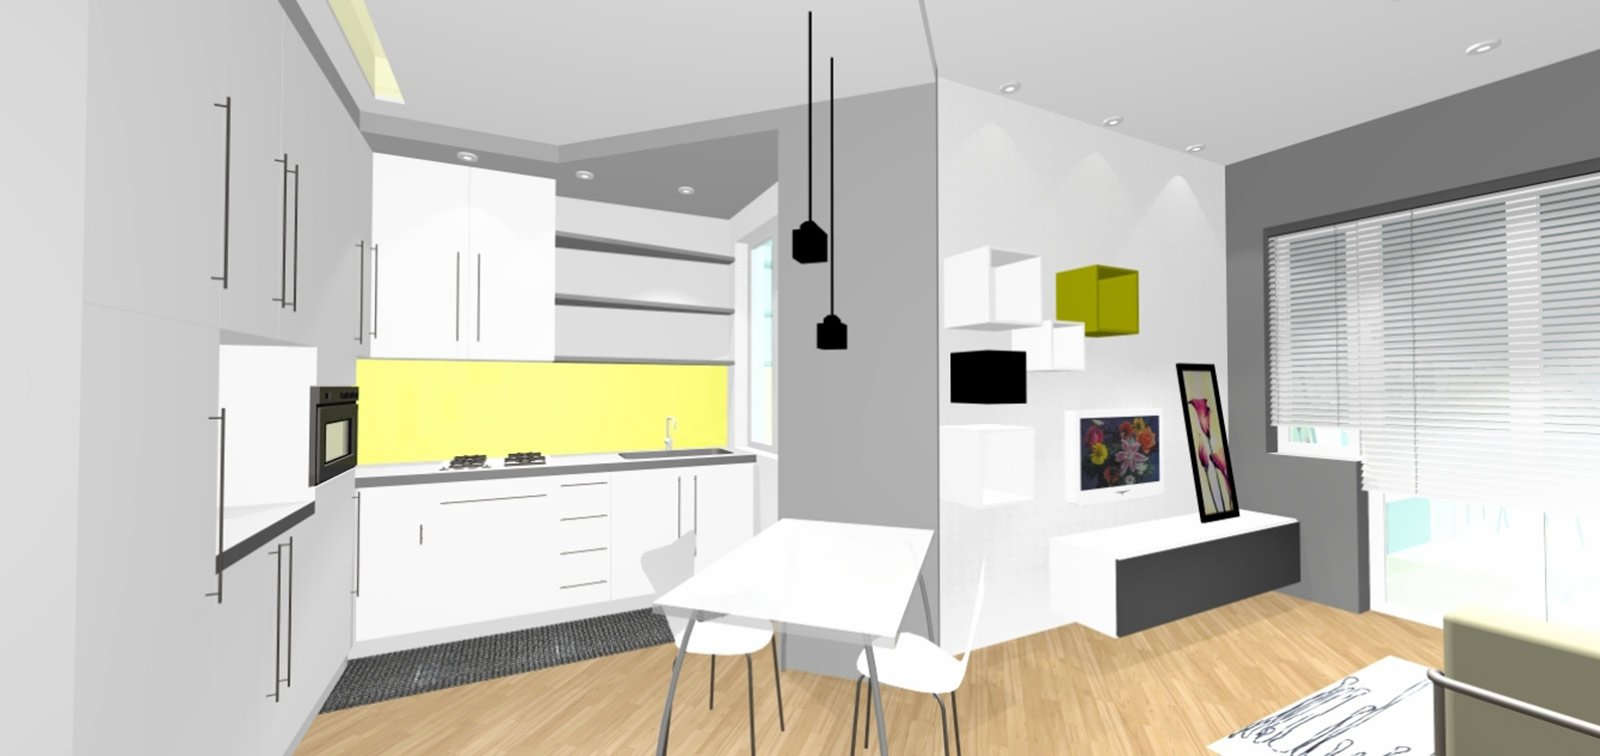 Bilocale con cucina a vista cose di casa - Cucine con lavatrice ...